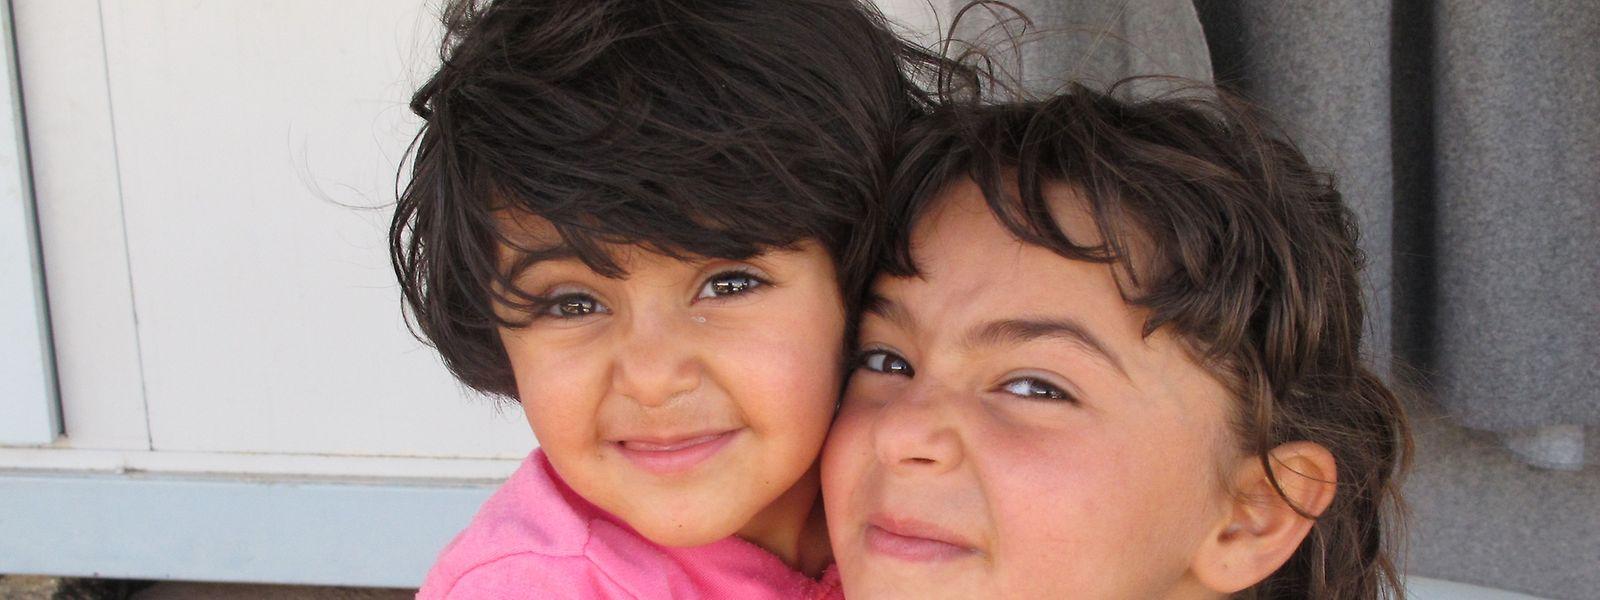 Eine ganze Generation von jungen Syrern wächst in Flüchtlingslagern auf.